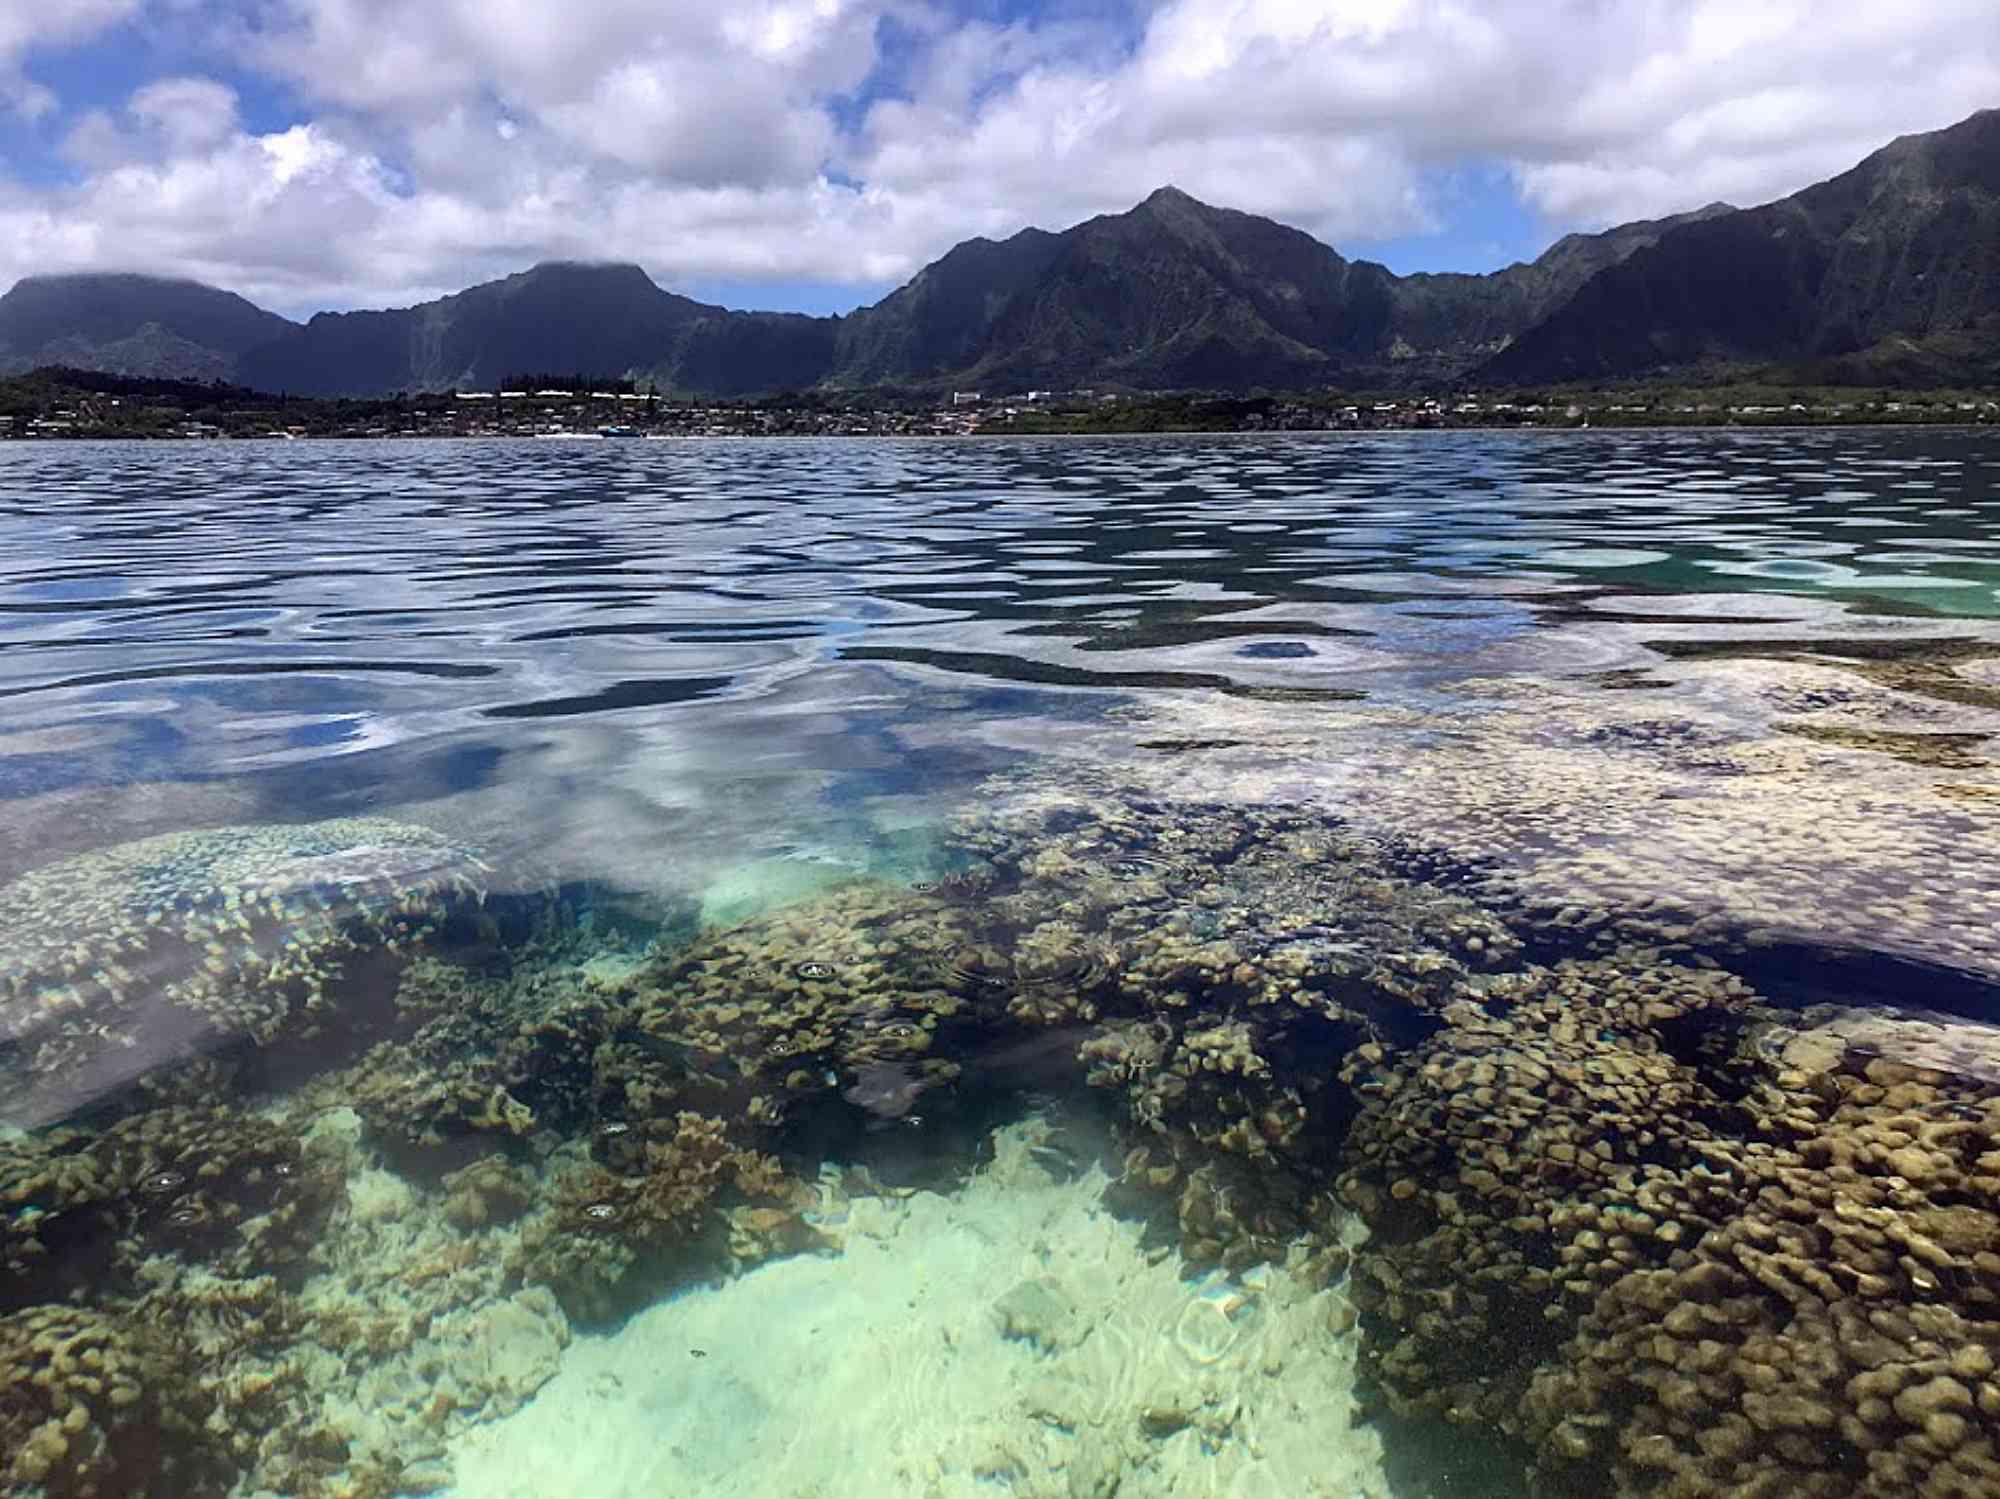 Parque estatal Heeia en Oahu